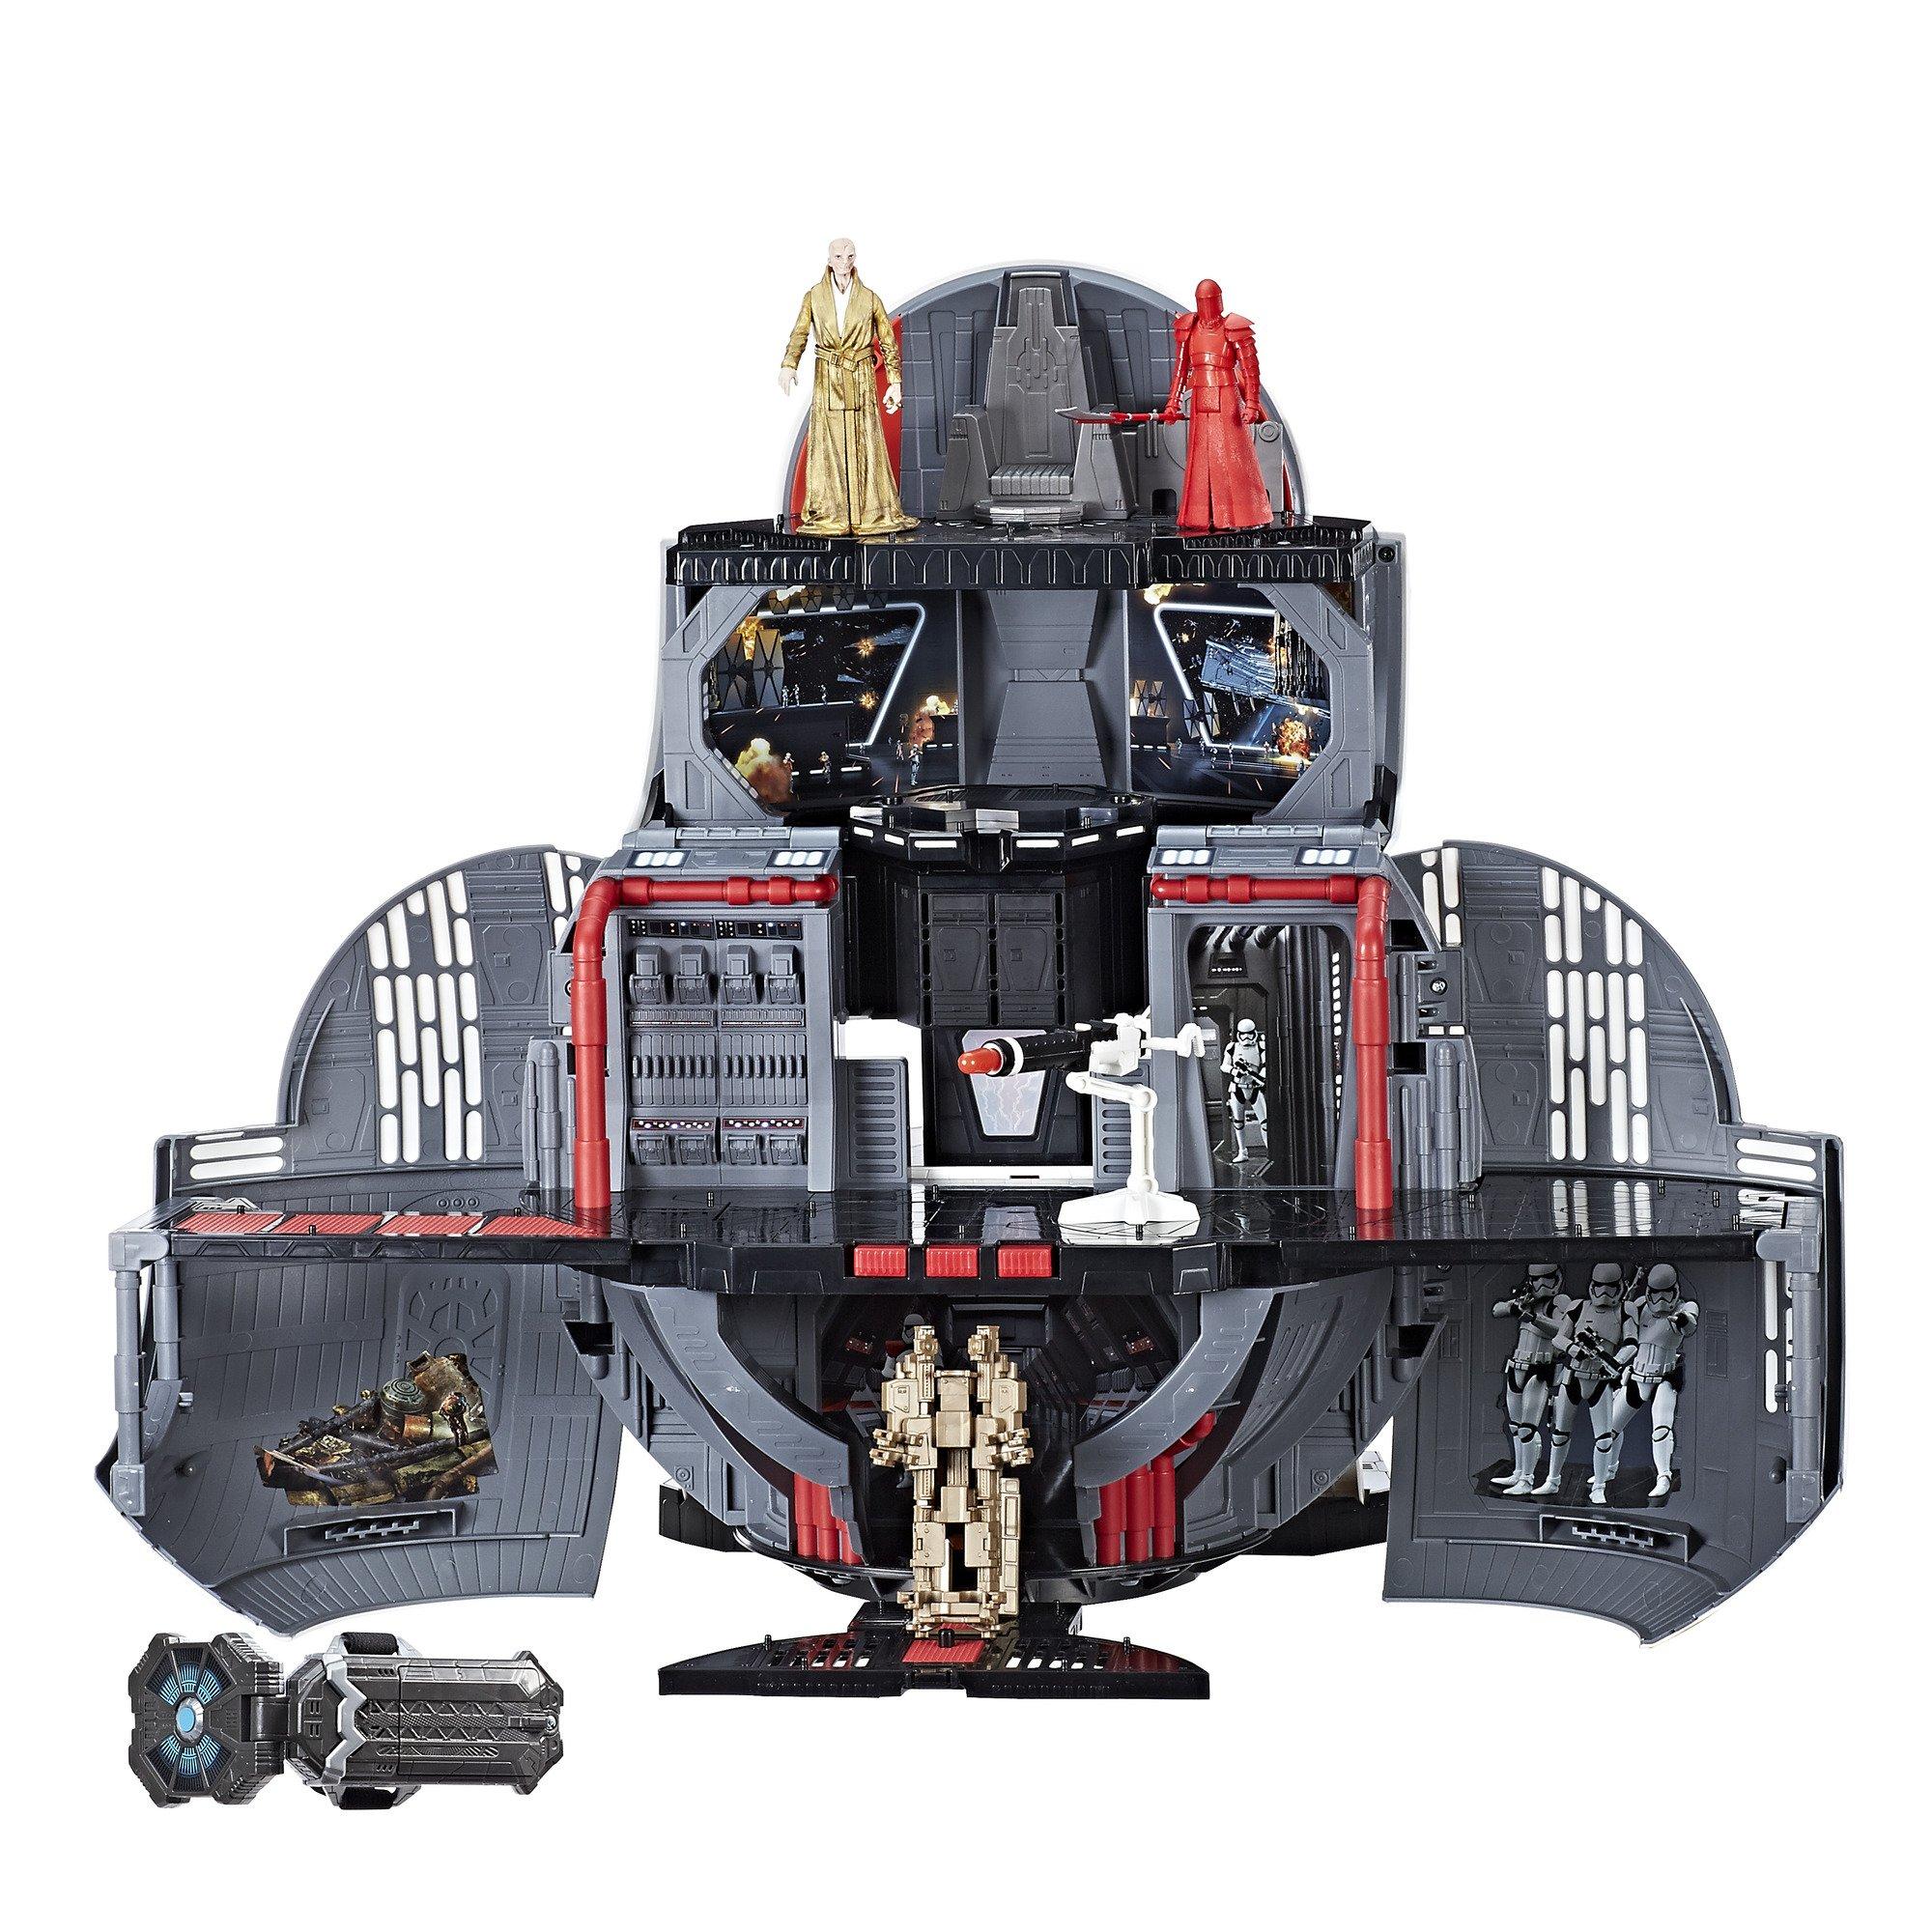 Star Wars Force Link BB-8 2-in-1 Mega Playset including Force Link